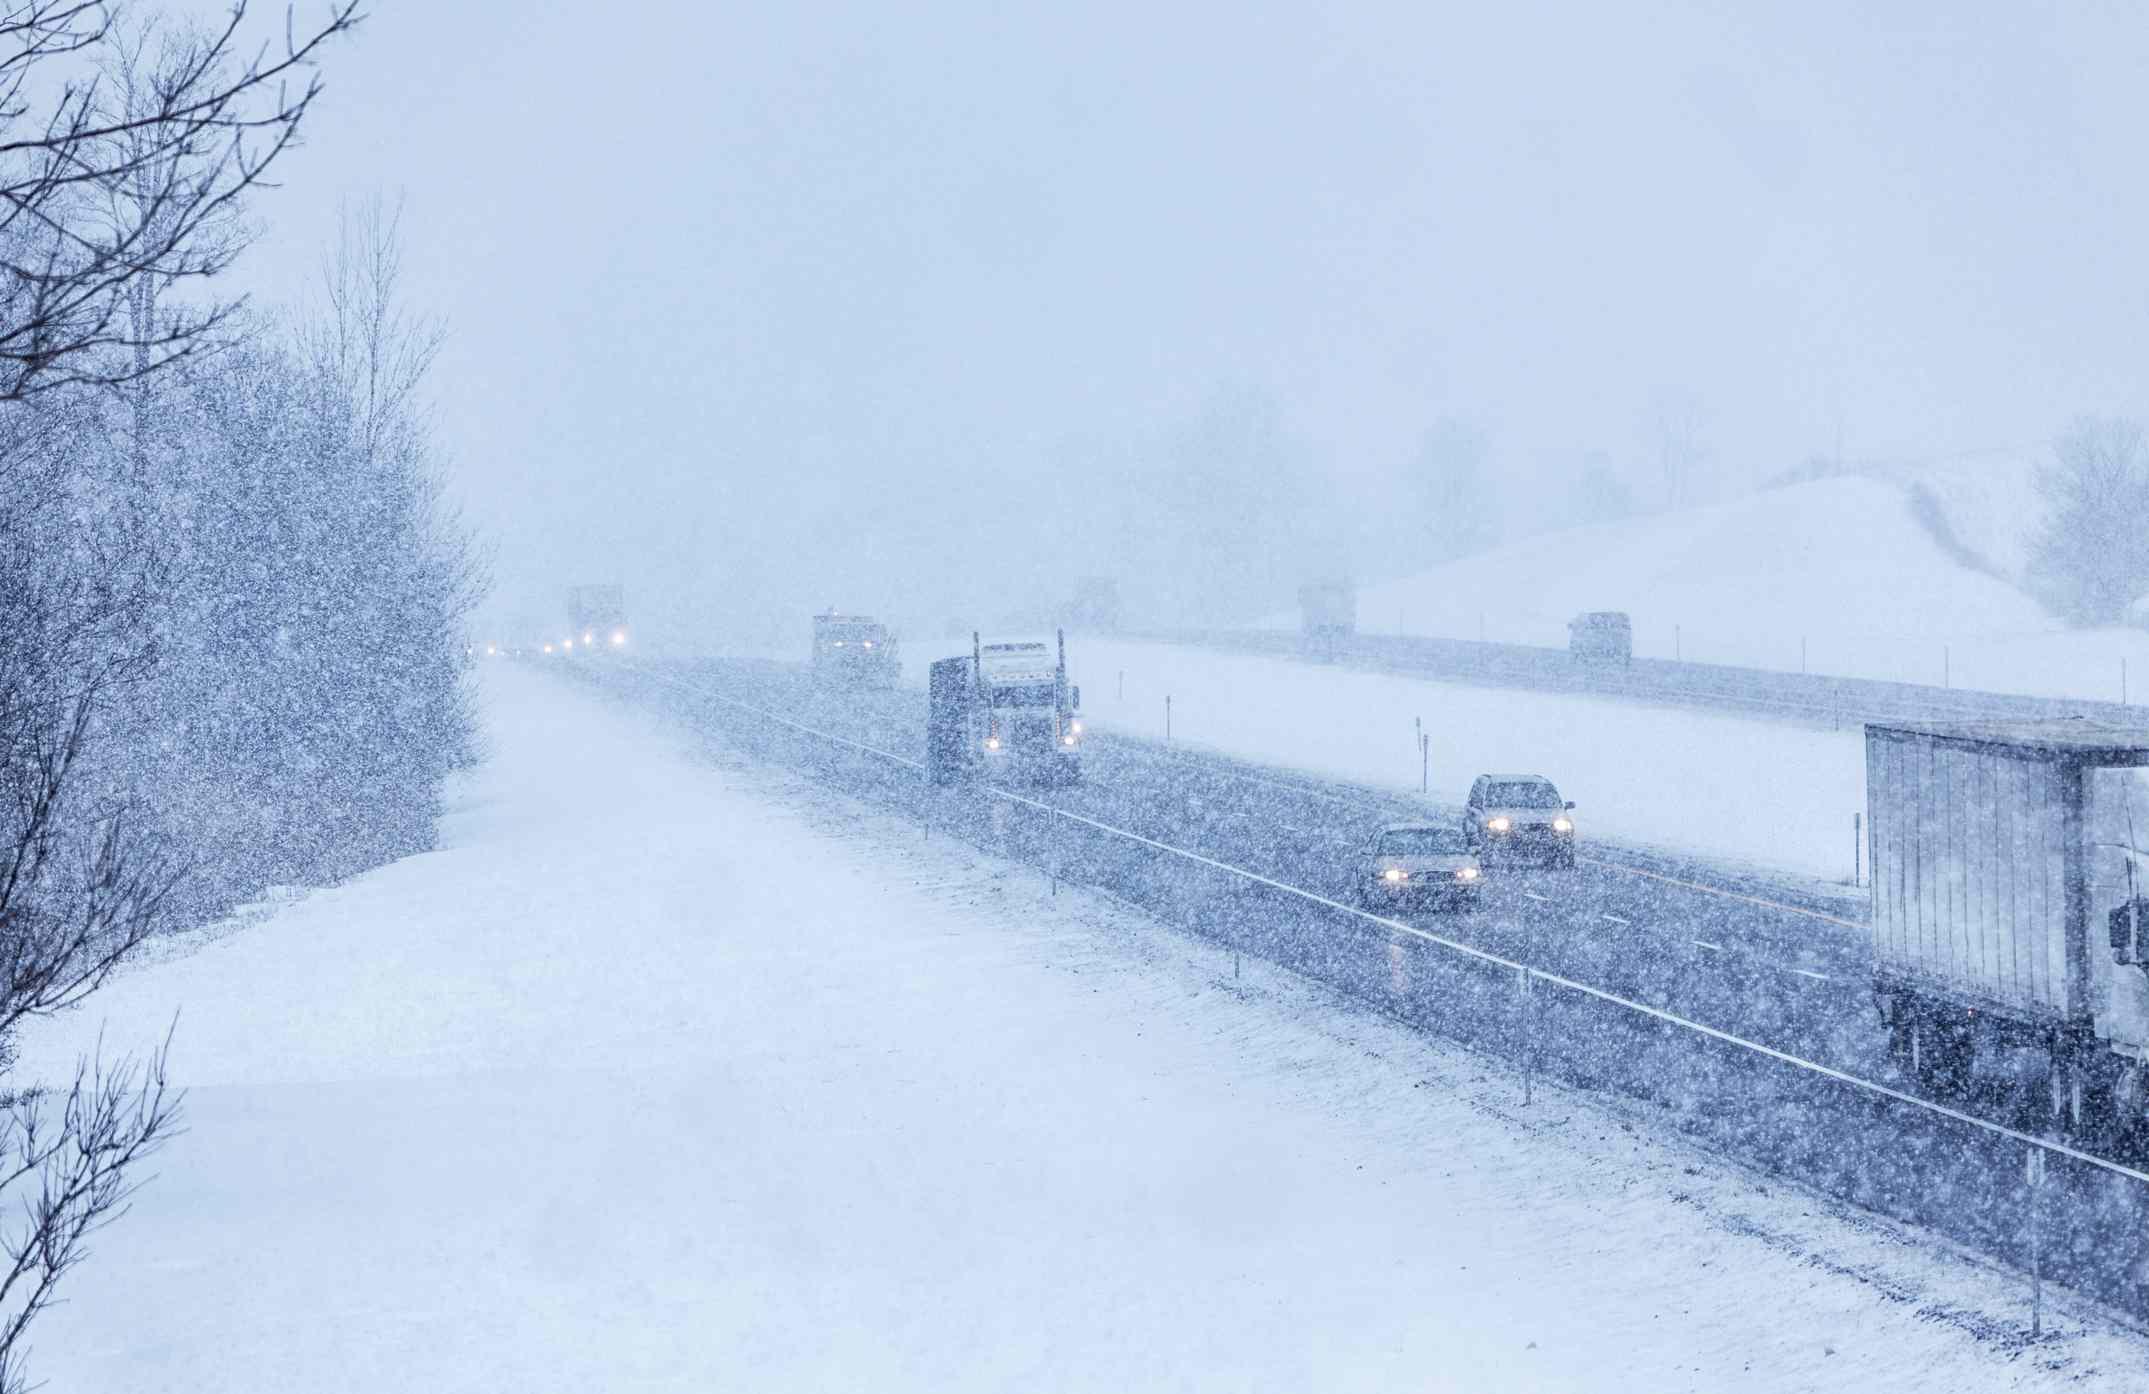 New York State Thruway Snow Driving